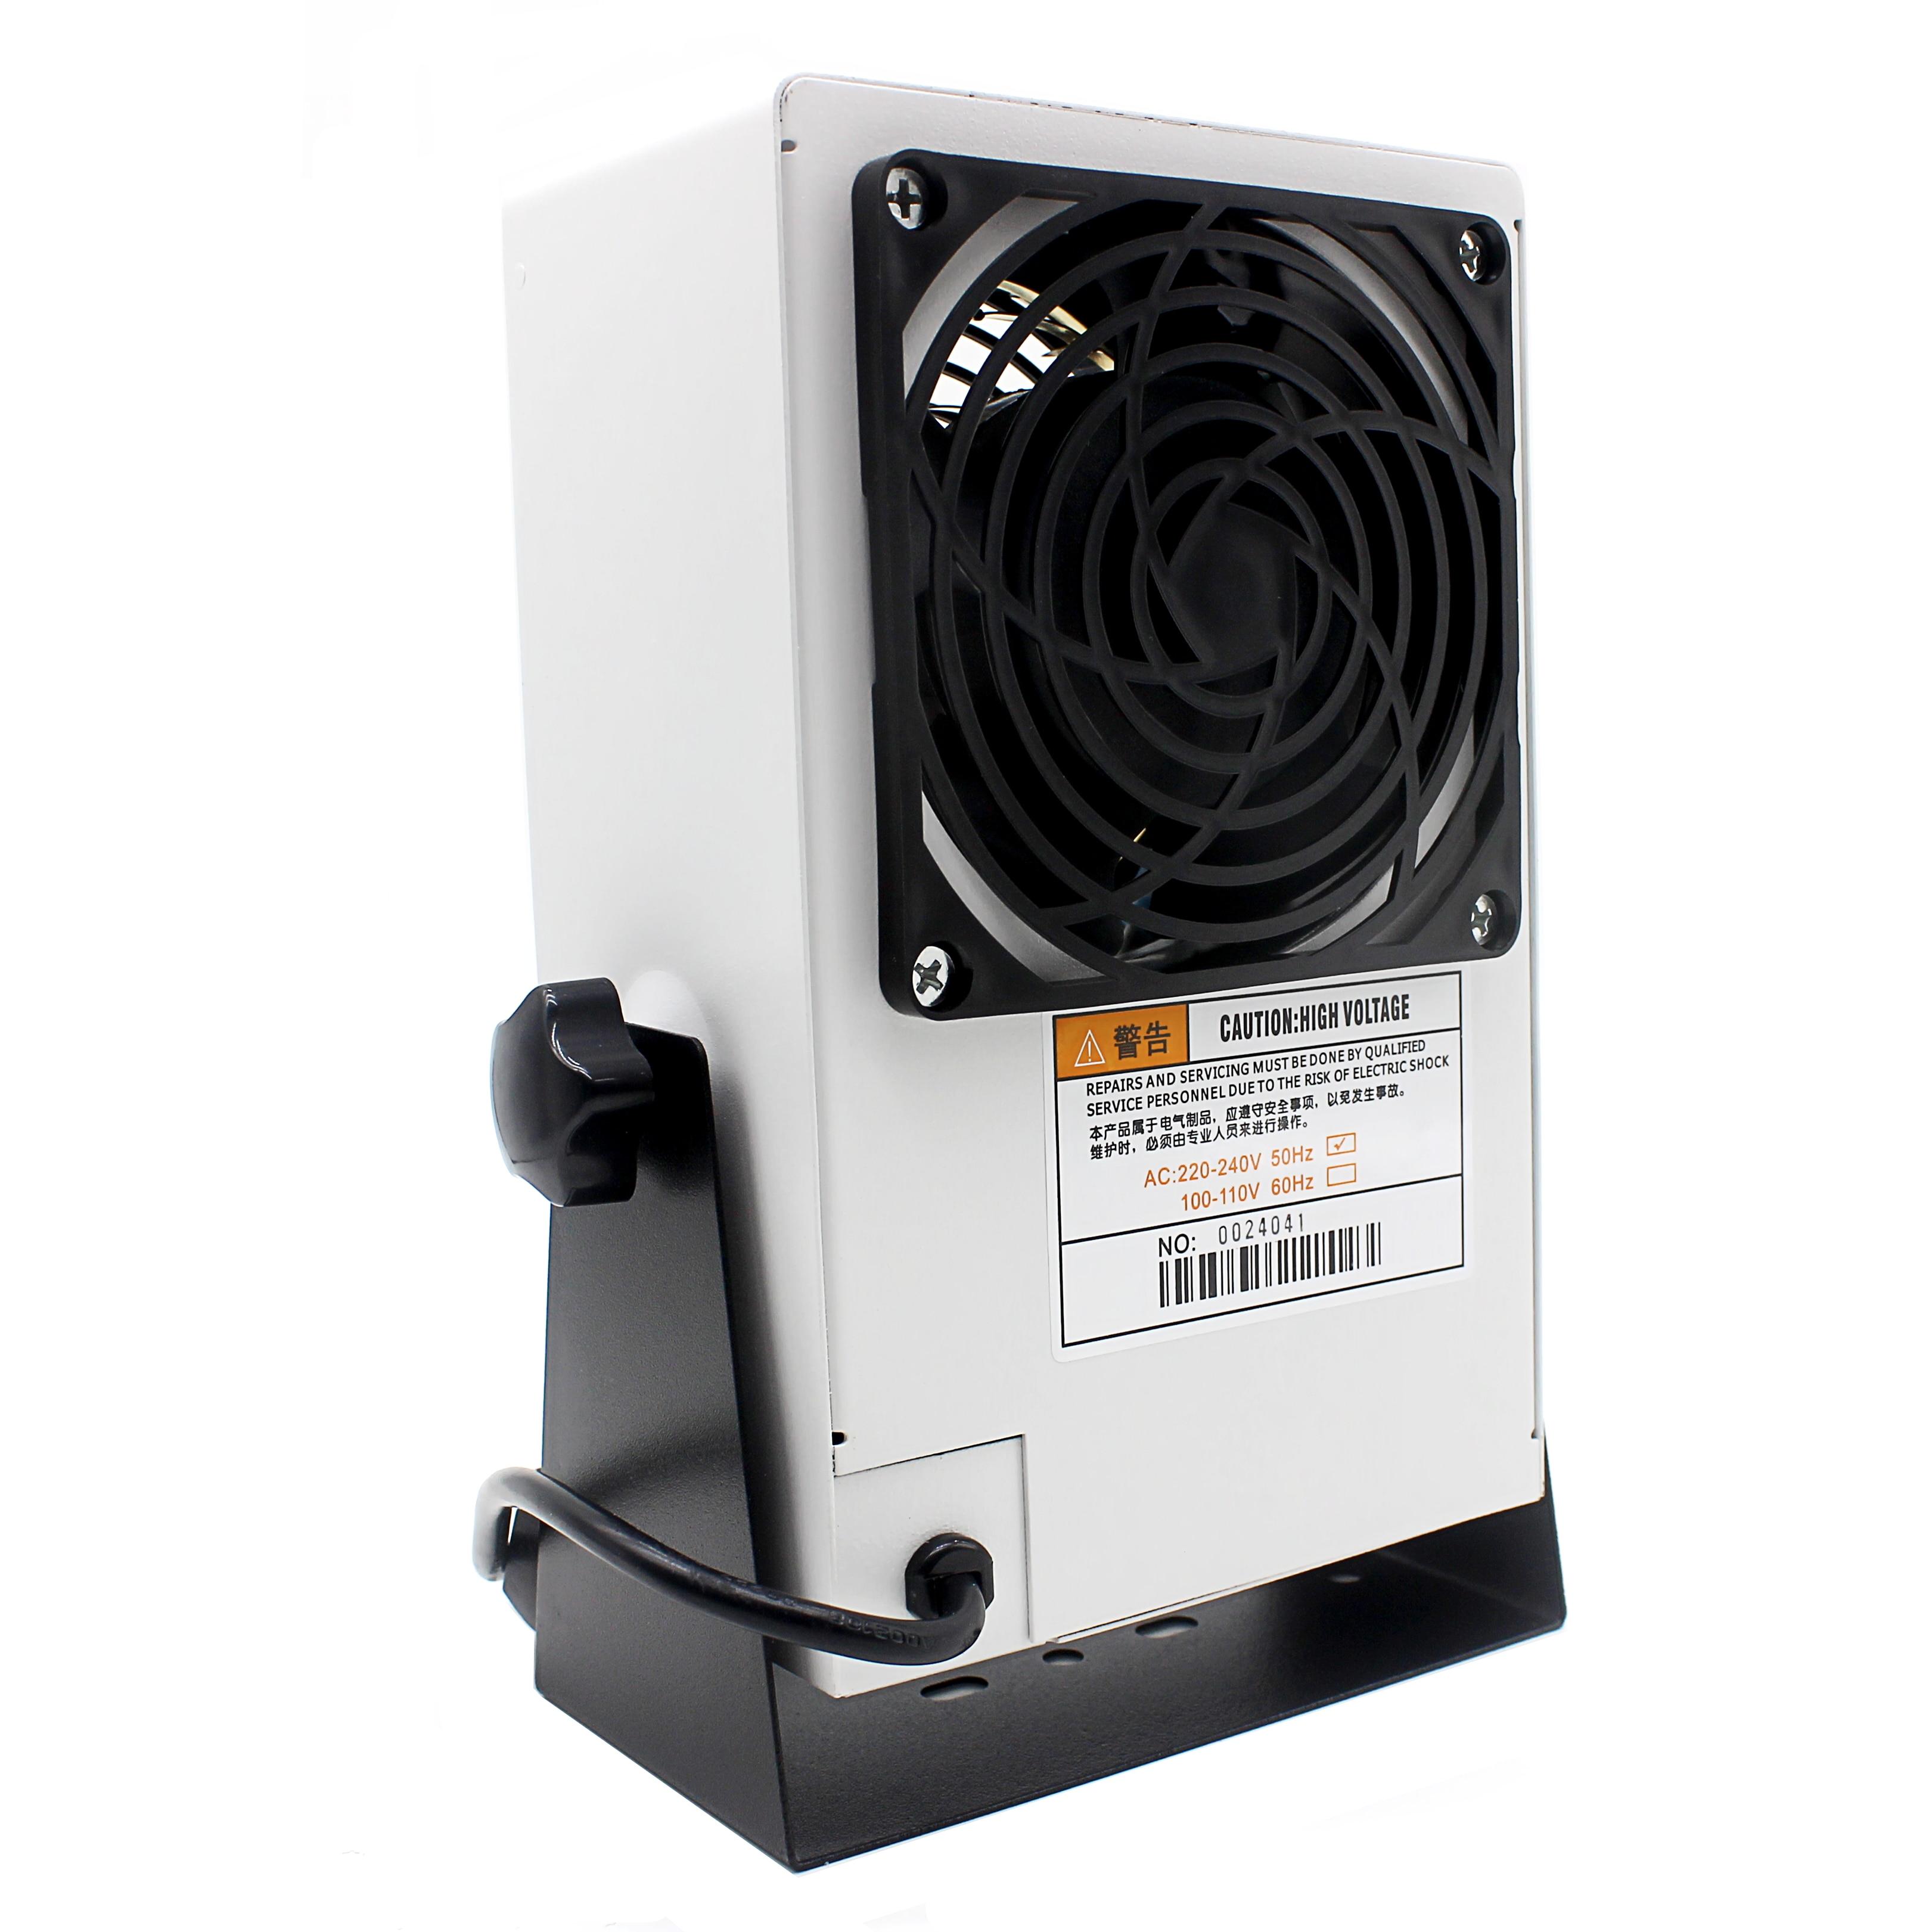 FT-001A Ventilatore ionizzatore ESD PC ESD Ventilatori d'aria - Utensili elettrici - Fotografia 6